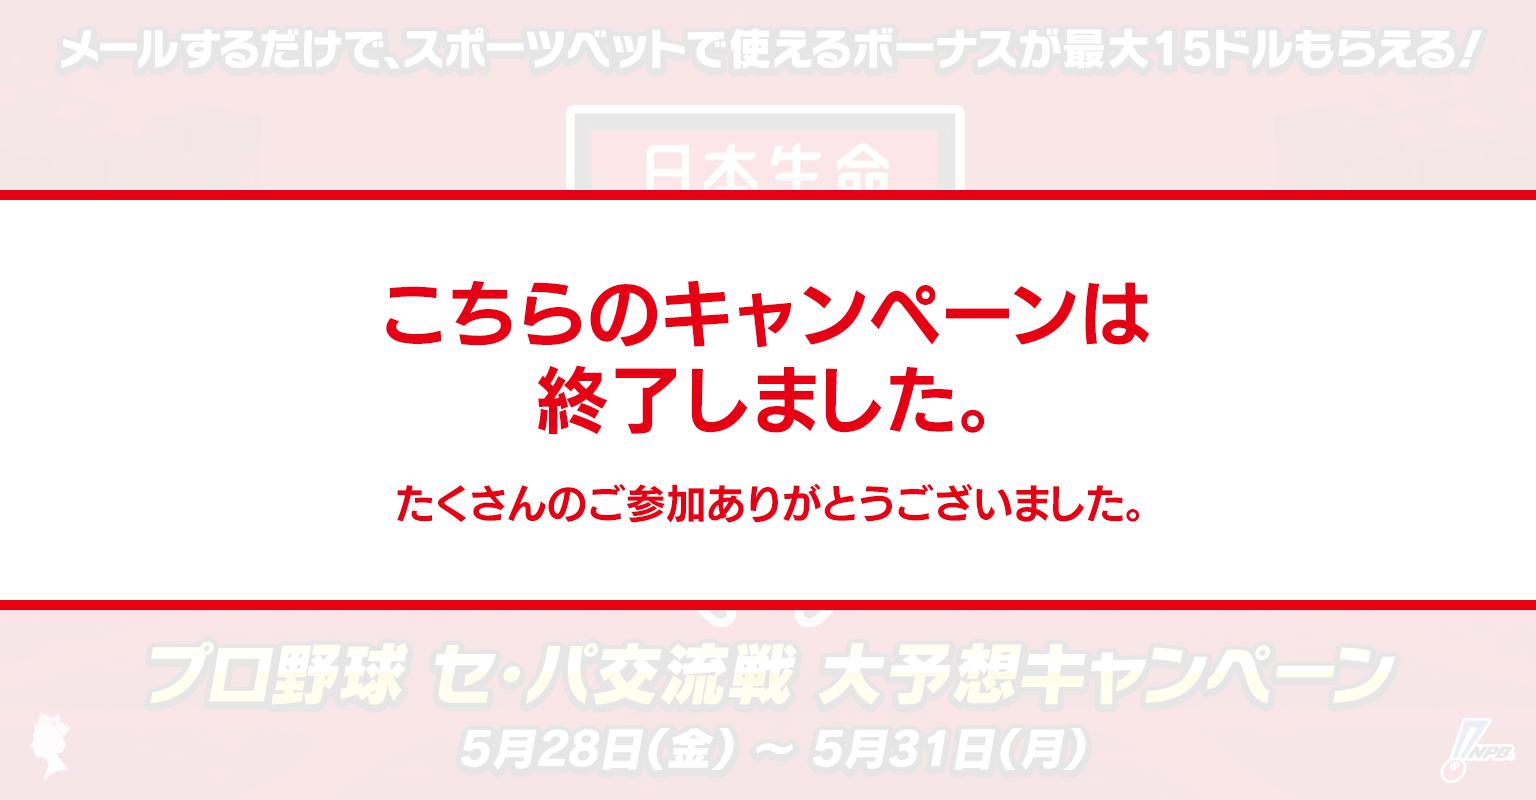 交流戦MVP、優秀選手賞を当てると最大15ドルボーナスを進呈!!